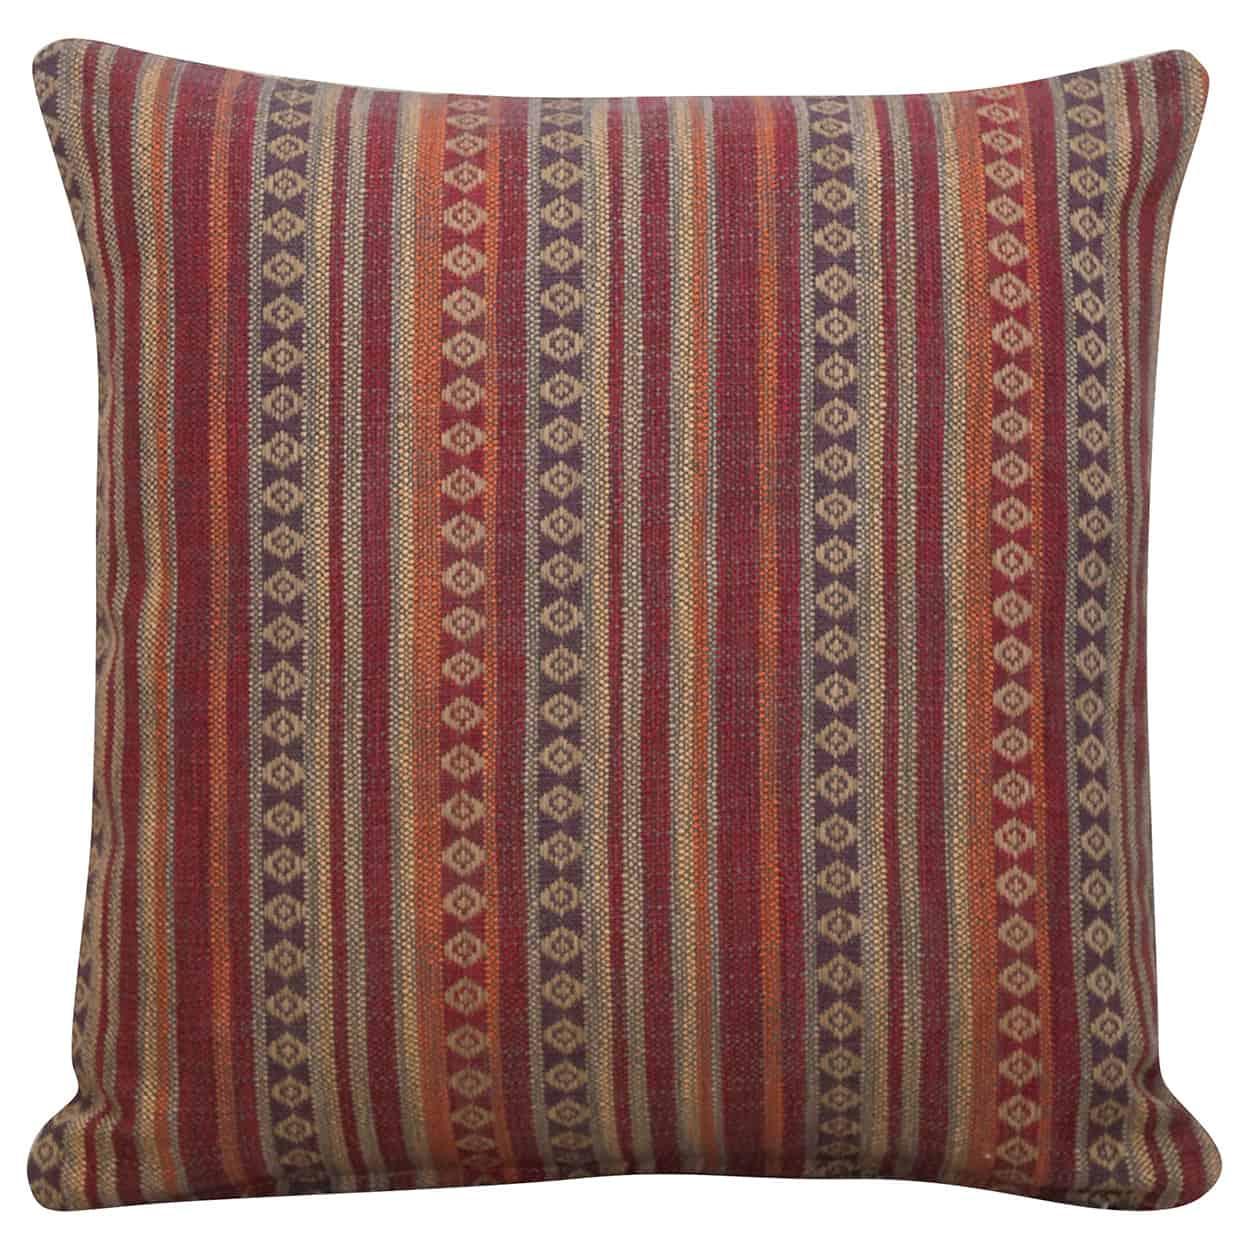 Navajo Blanket Weave Cushion in Burgundy